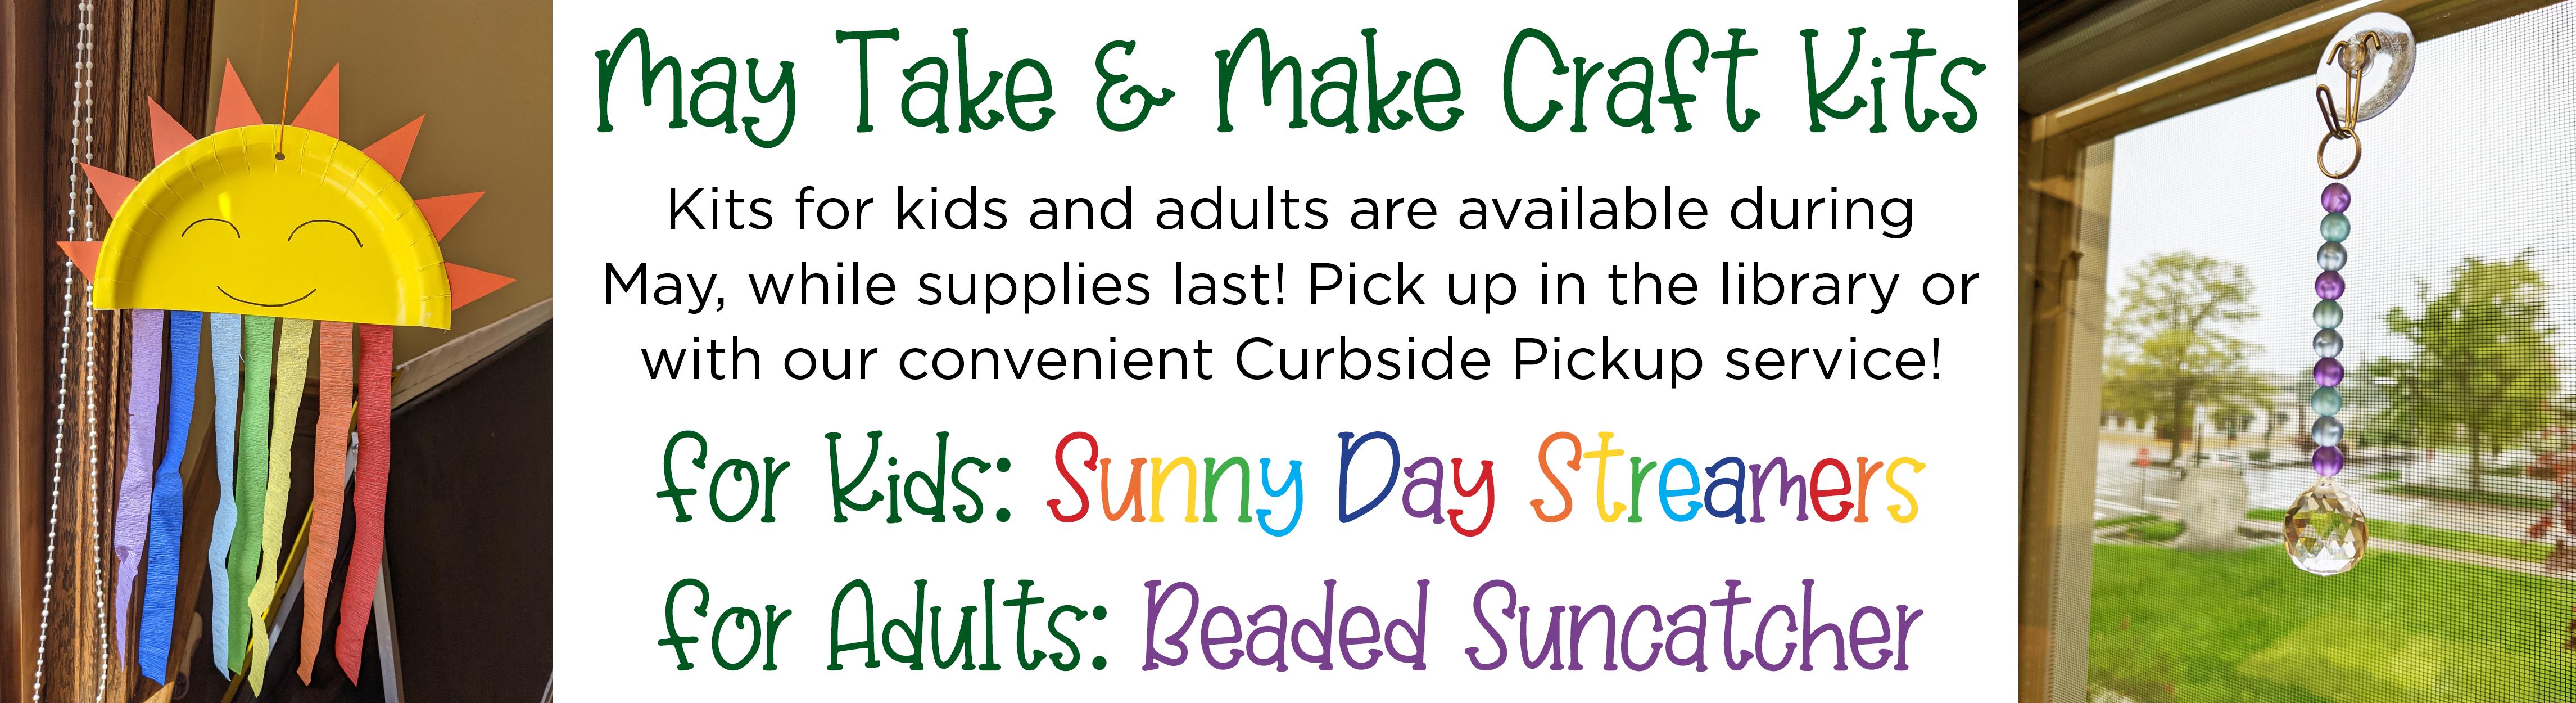 May Take & Make Craft Kits